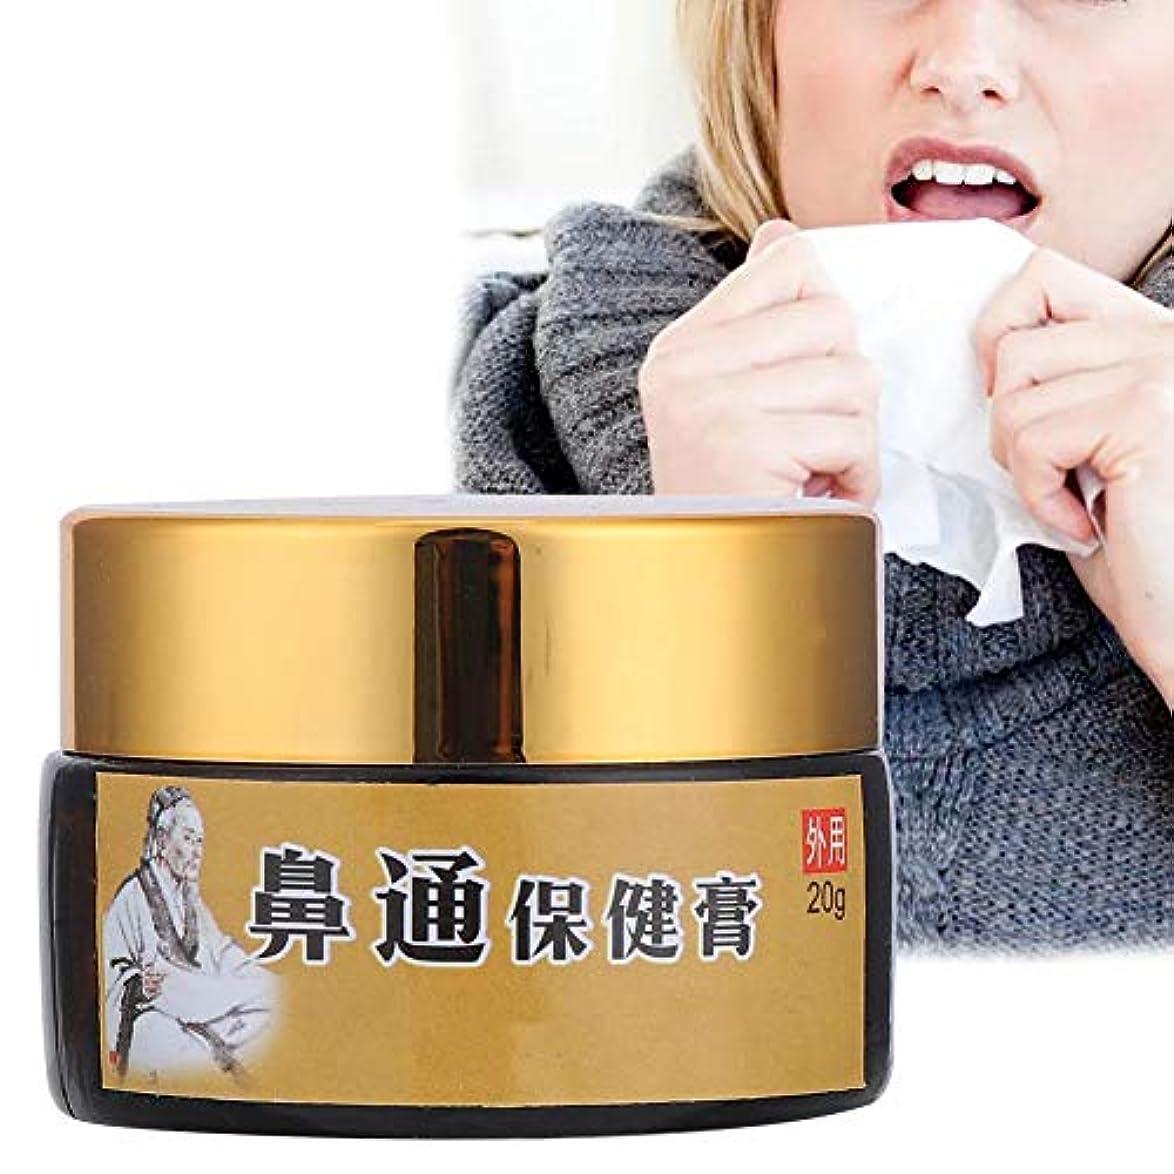 スナック感覚雇用鼻炎副鼻腔炎鼻クリーム、20g鼻詰まりジェルかゆみくしゃみ鼻詰まりクリーム